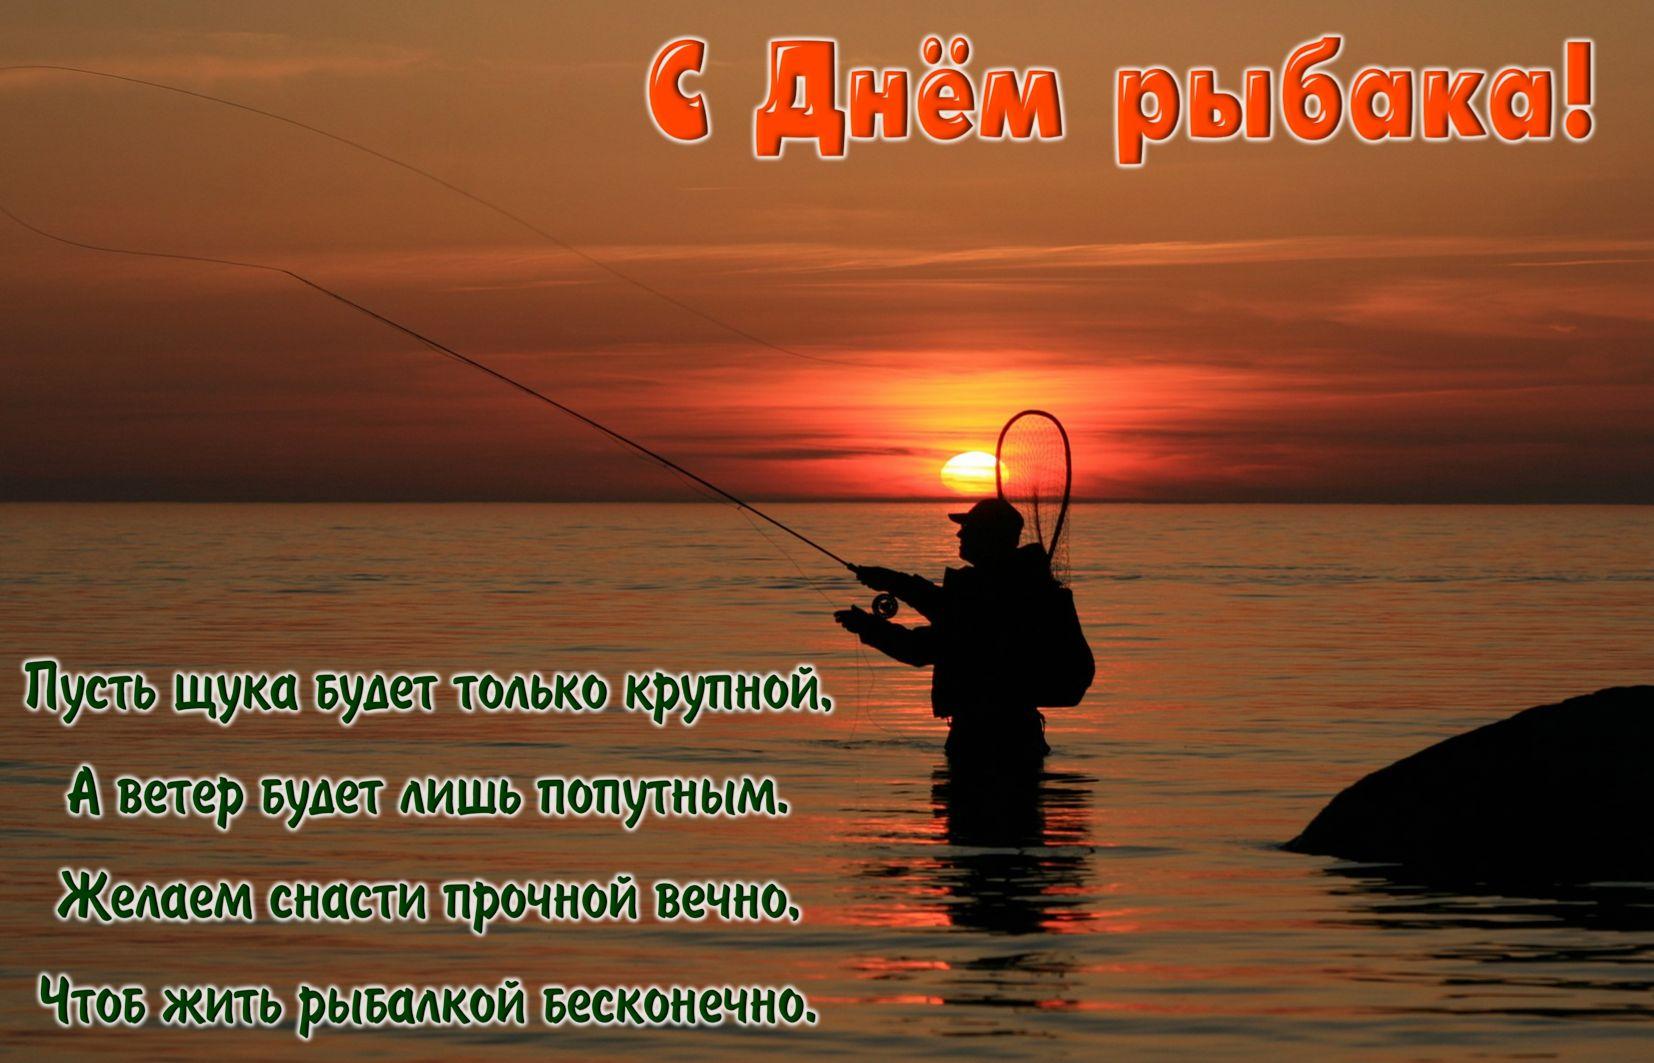 поднимается, день рыбака открытка фото костюмы